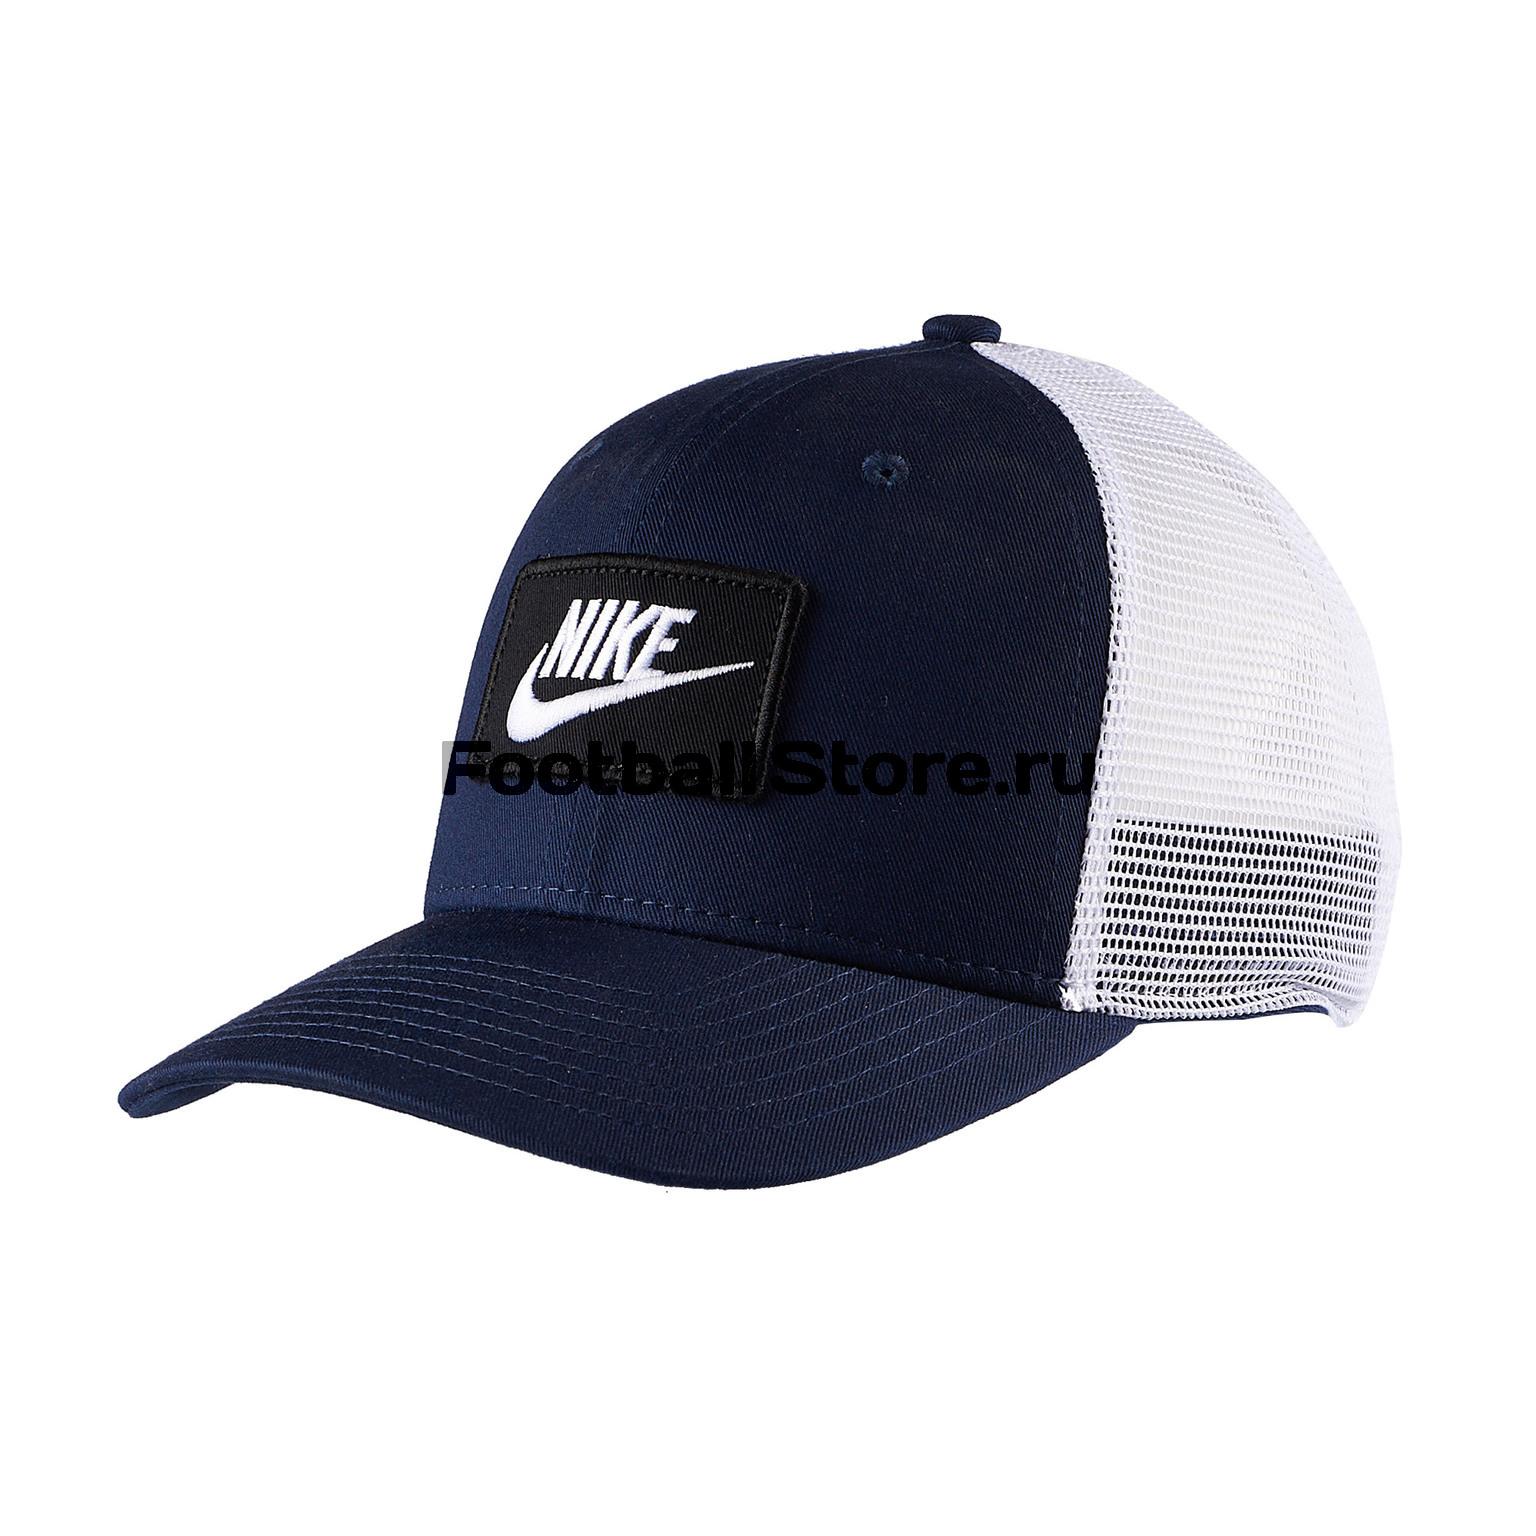 Бейсболка Nike CLC99 Cap Trucker AQ9879-451 бейсболка nike run aw84 651659 413